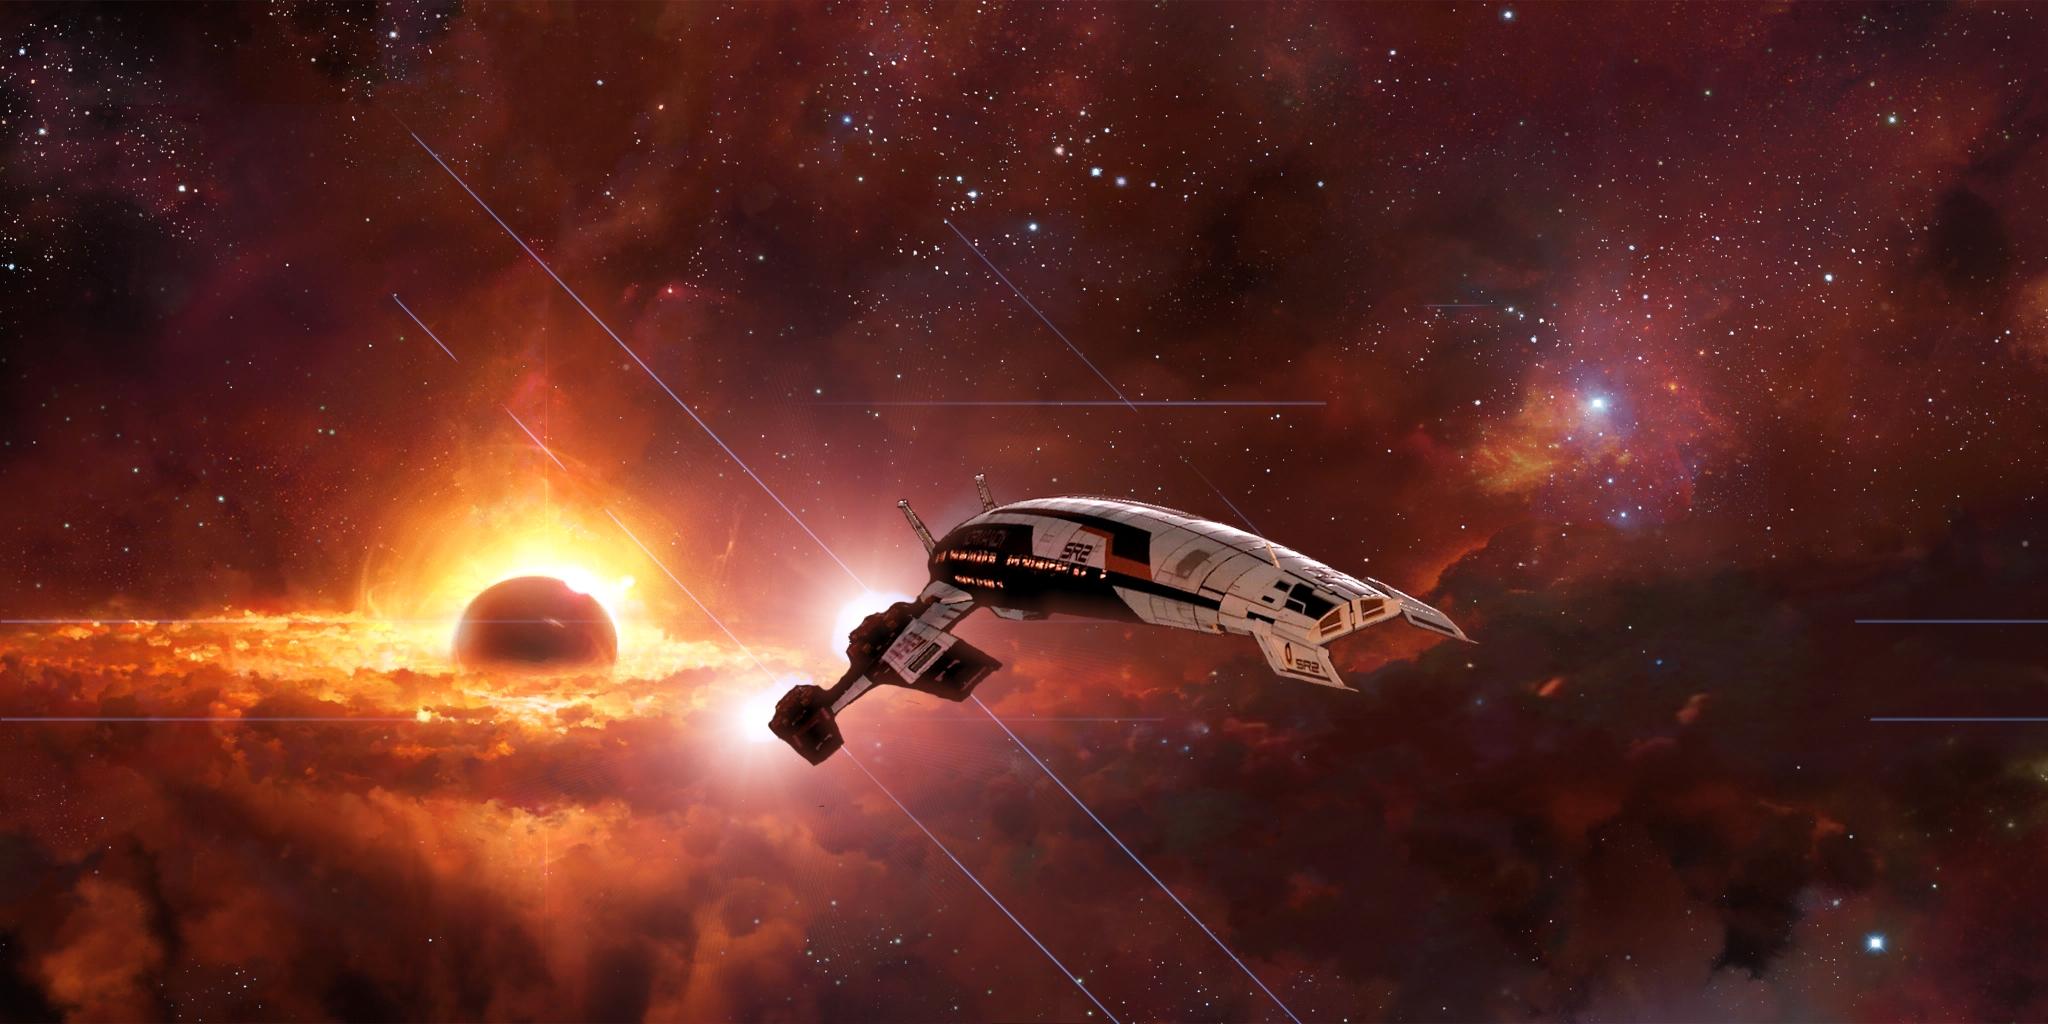 Wallpaper Mass Effect Normandy Space Nebula Stars